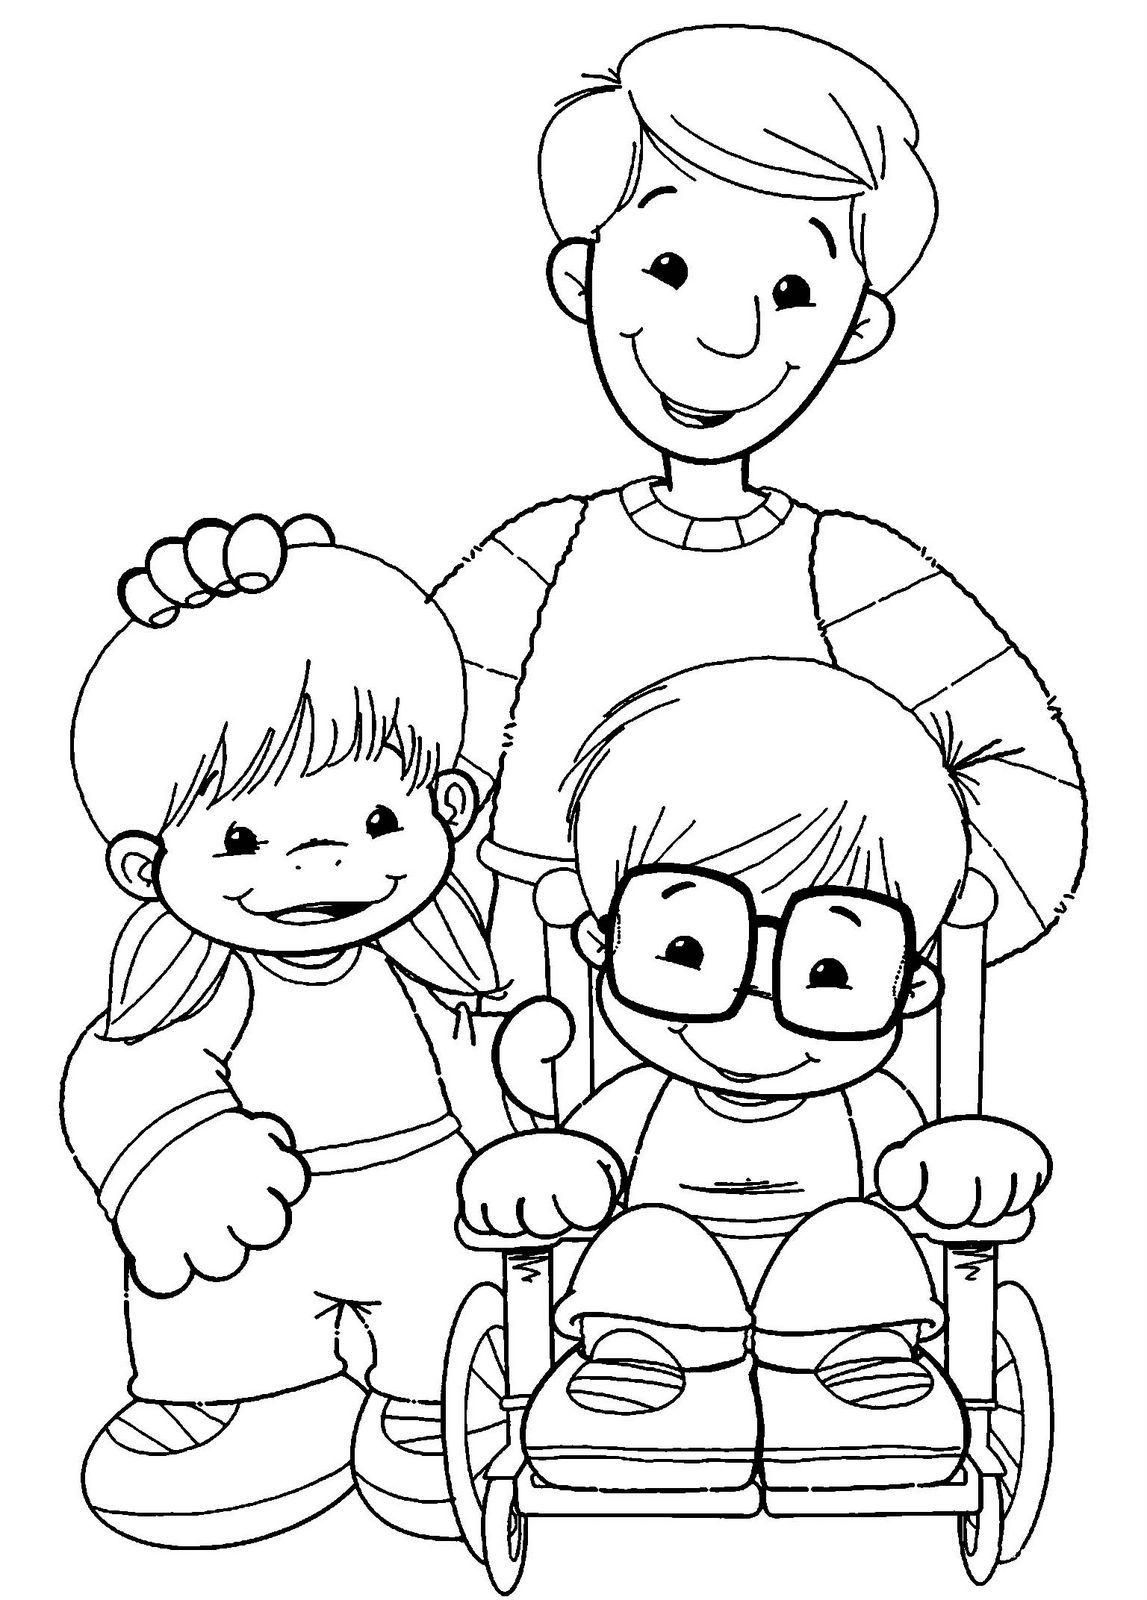 Dibujos De Los Derechos De Los Ninos In 2020